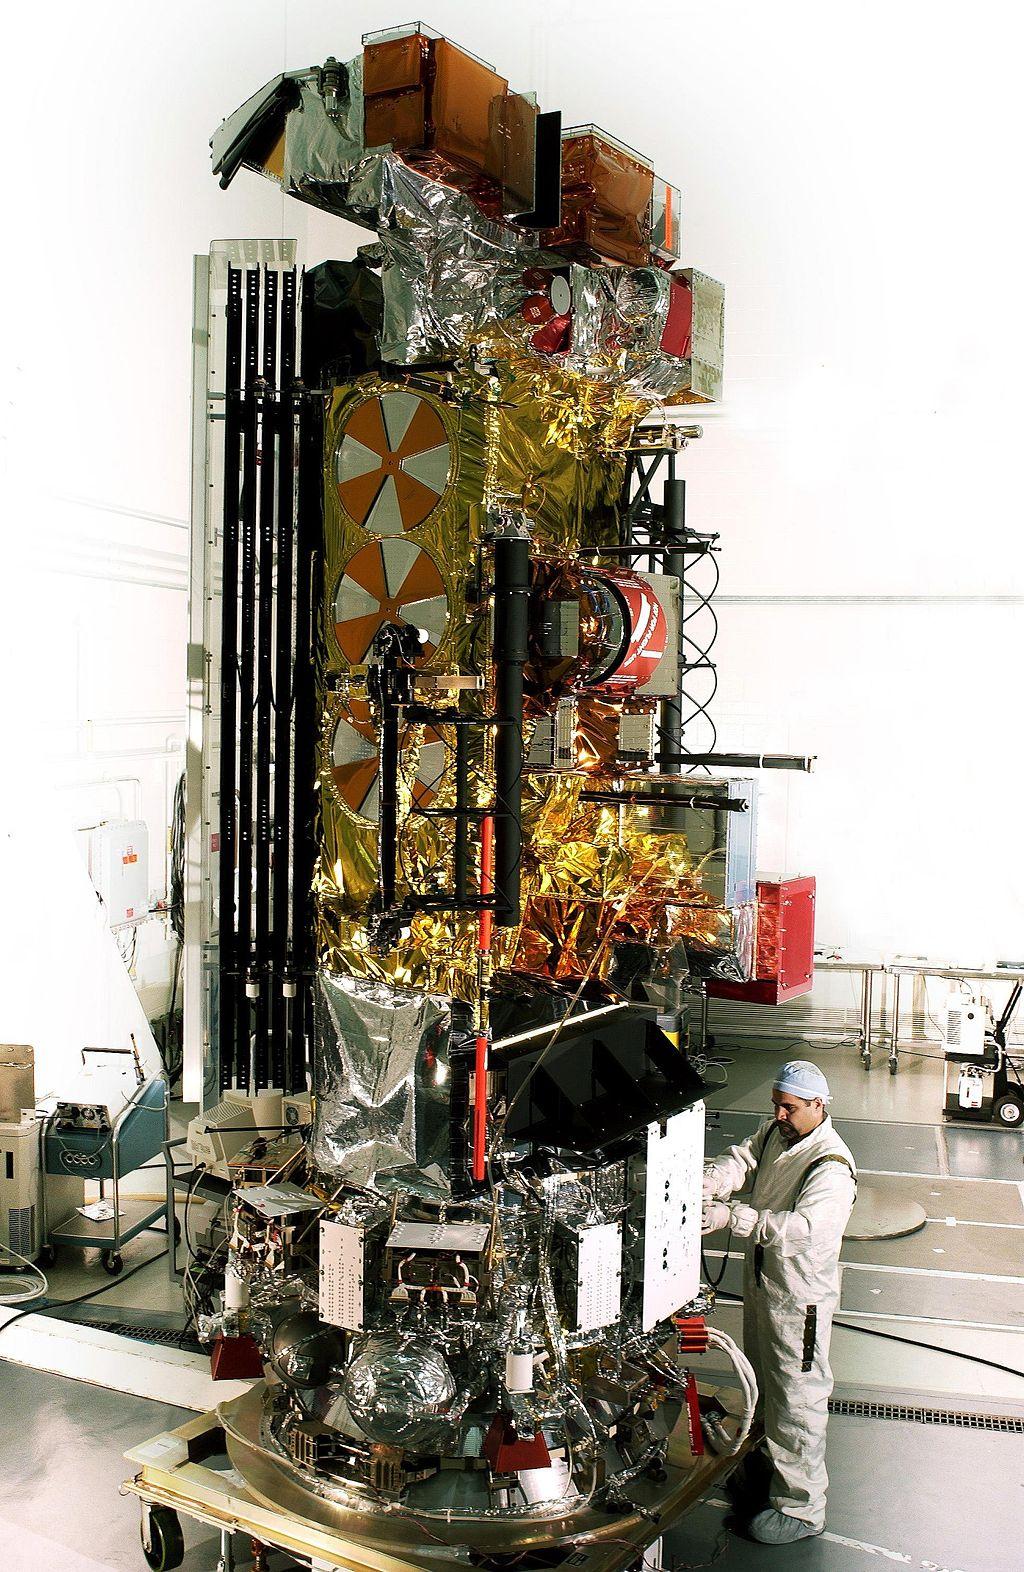 Il satellite NOAA-17 in preparazione al lancio nel 2002.